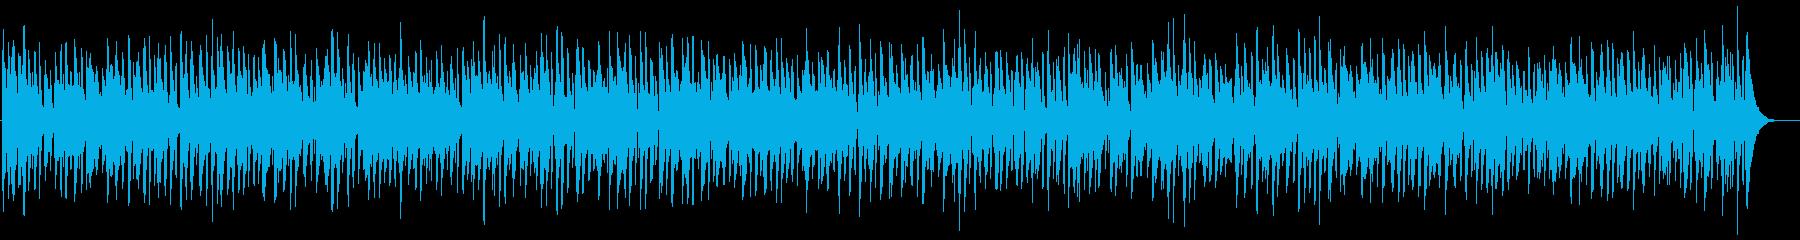 ゆったり素敵 アコギ穏やかジャズピアノの再生済みの波形